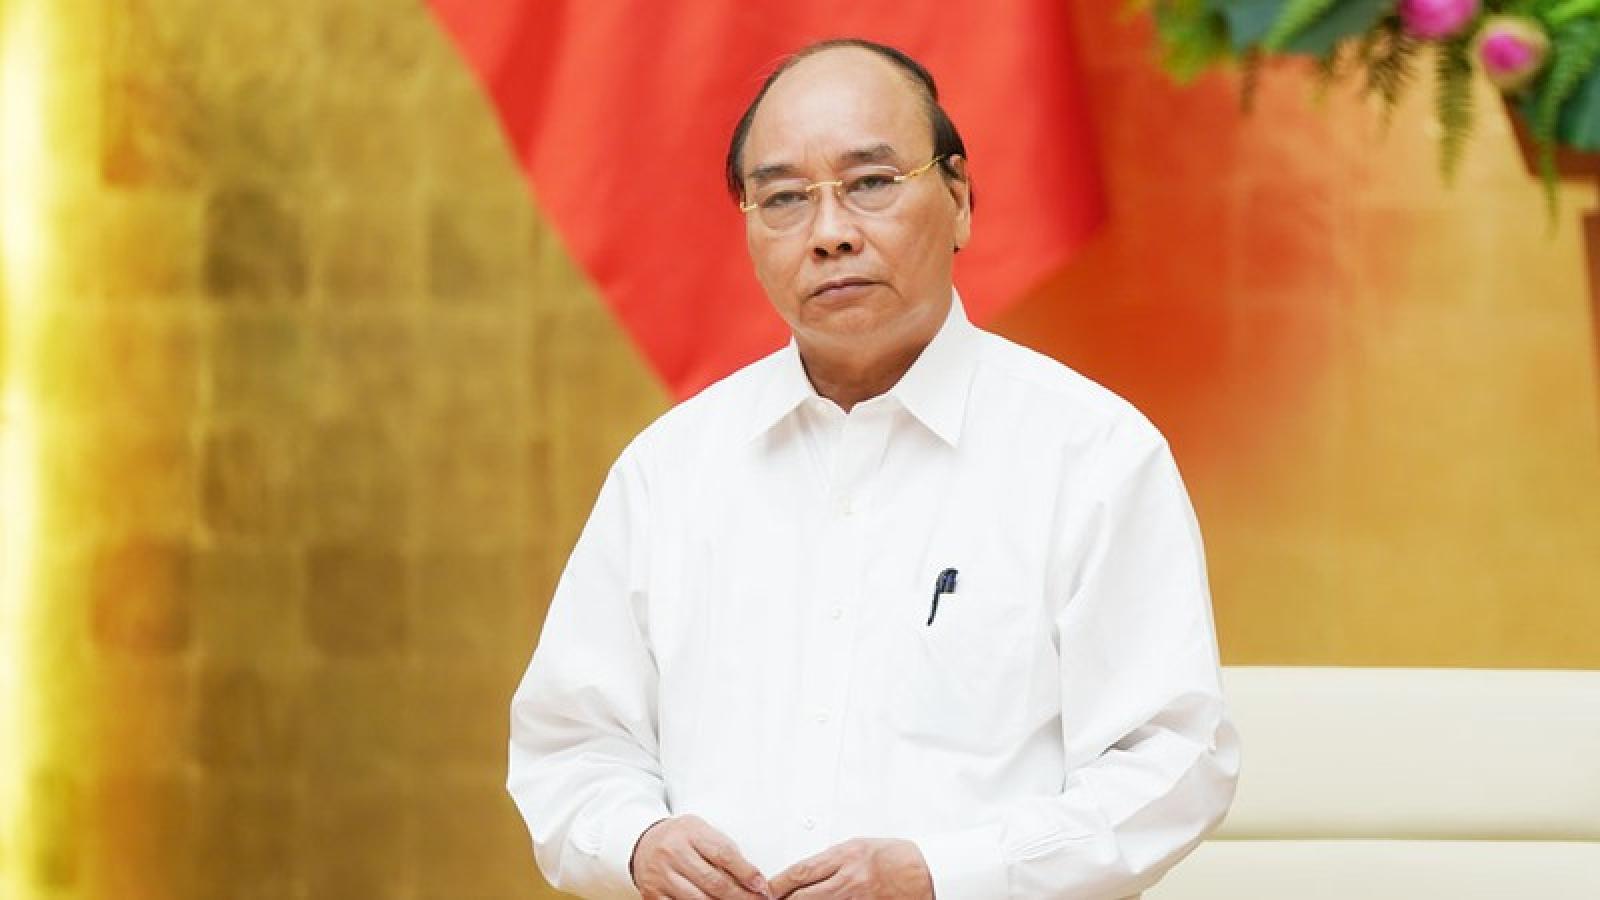 Thủ tướng: Không để Covid-19 lan rộng tại Đà Nẵng và các địa phương